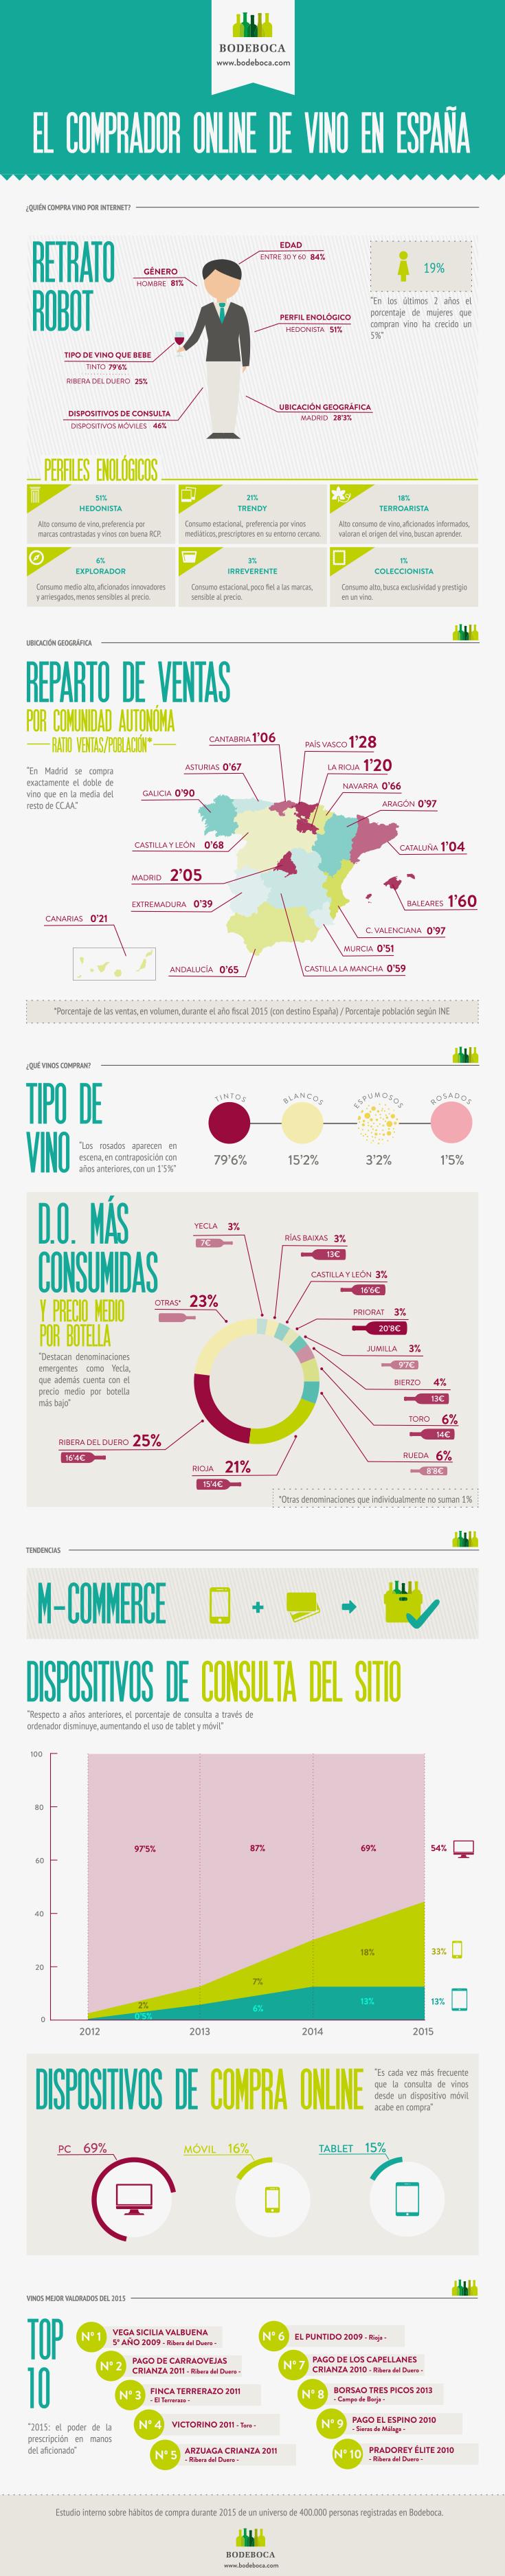 Infografia-Bodeboca-comprador-online-vino